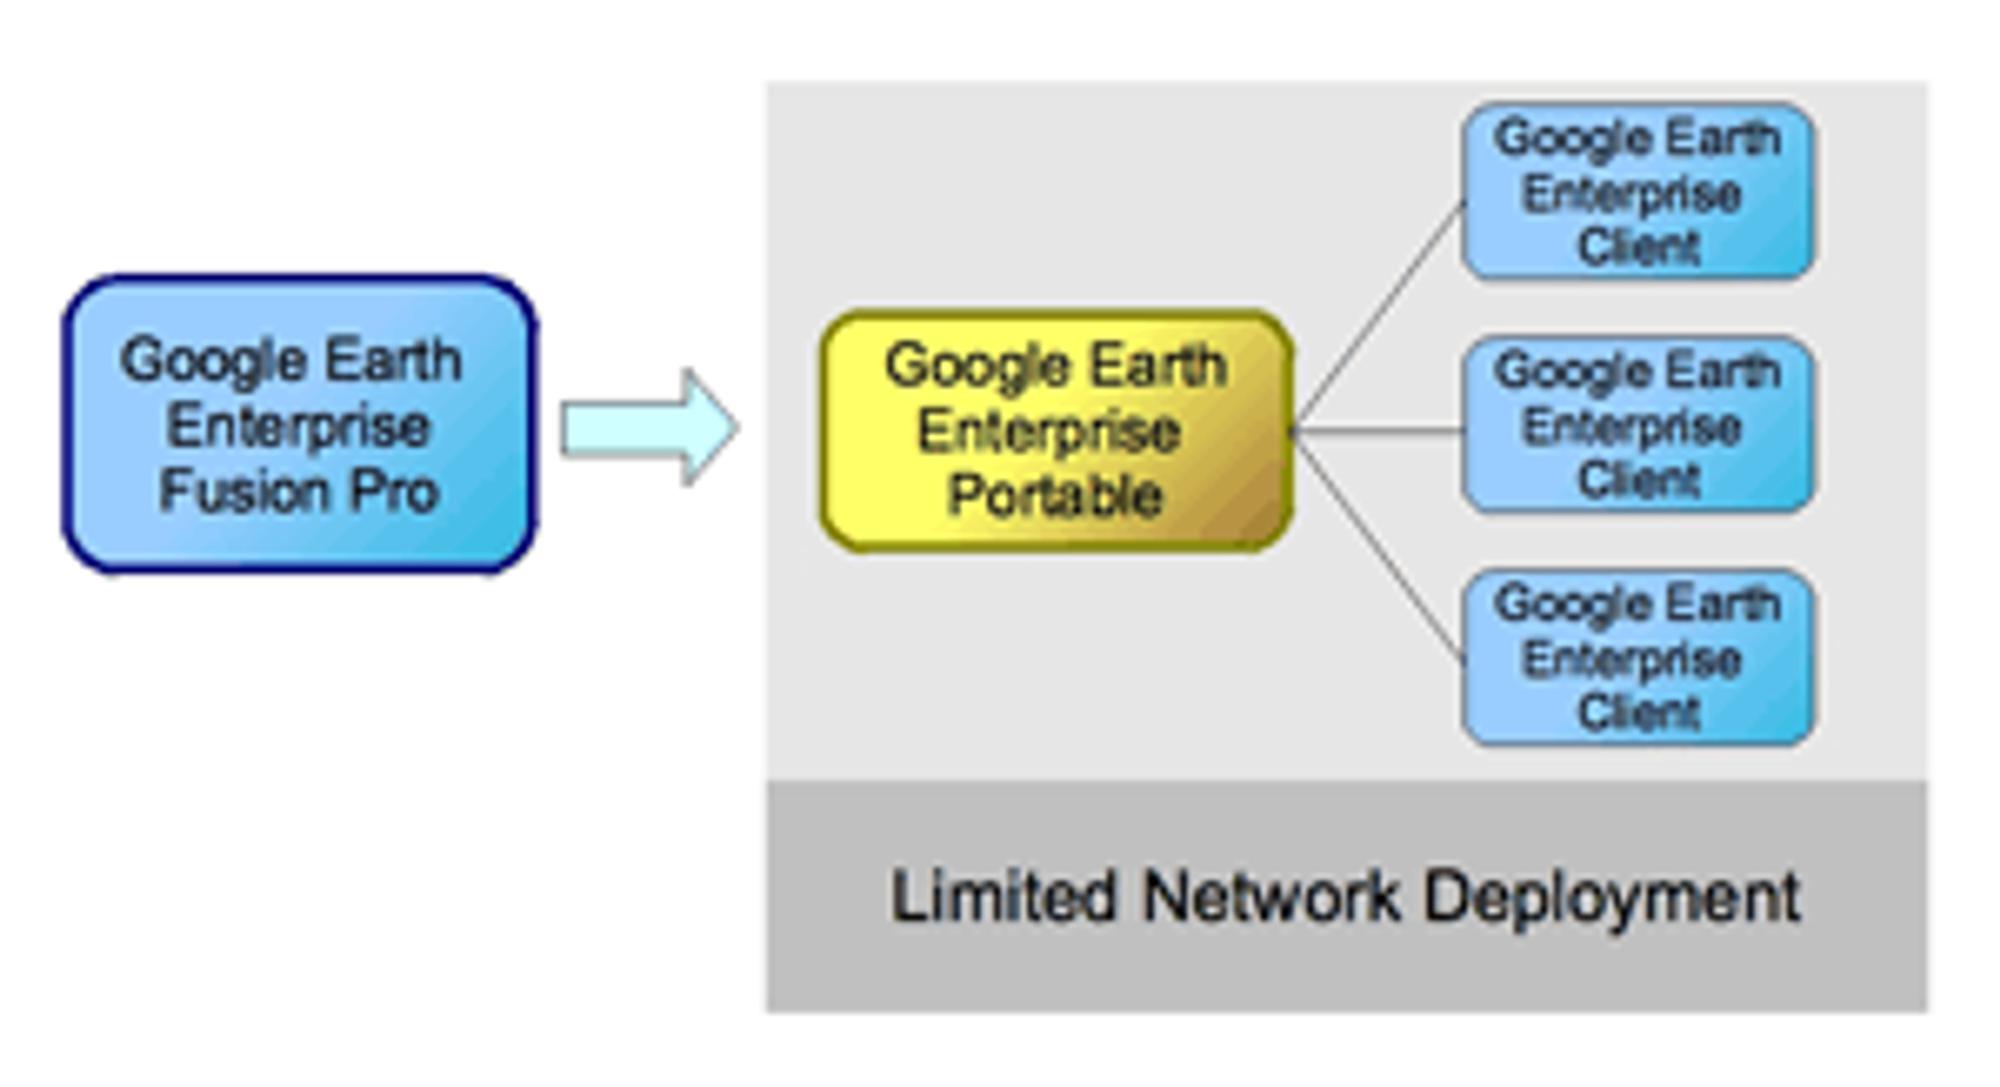 Oppsett for Google Earth Enterprise Portable